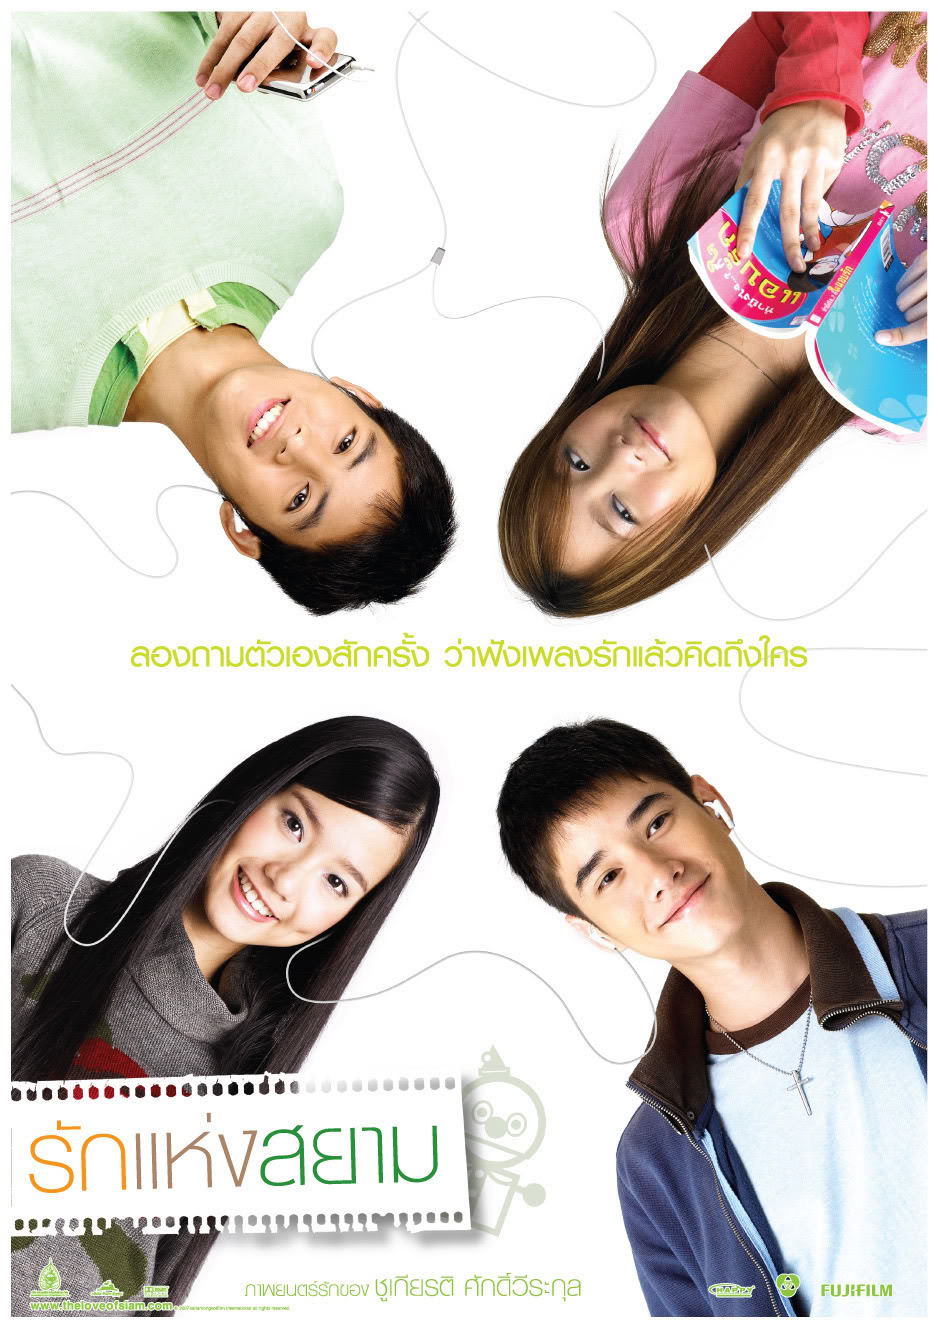 http://2.bp.blogspot.com/-Fc79lil56KA/TbiMZbcSxtI/AAAAAAAAAYI/LnJ5U-18bE0/s1600/lovesiamposter02ku7.jpg